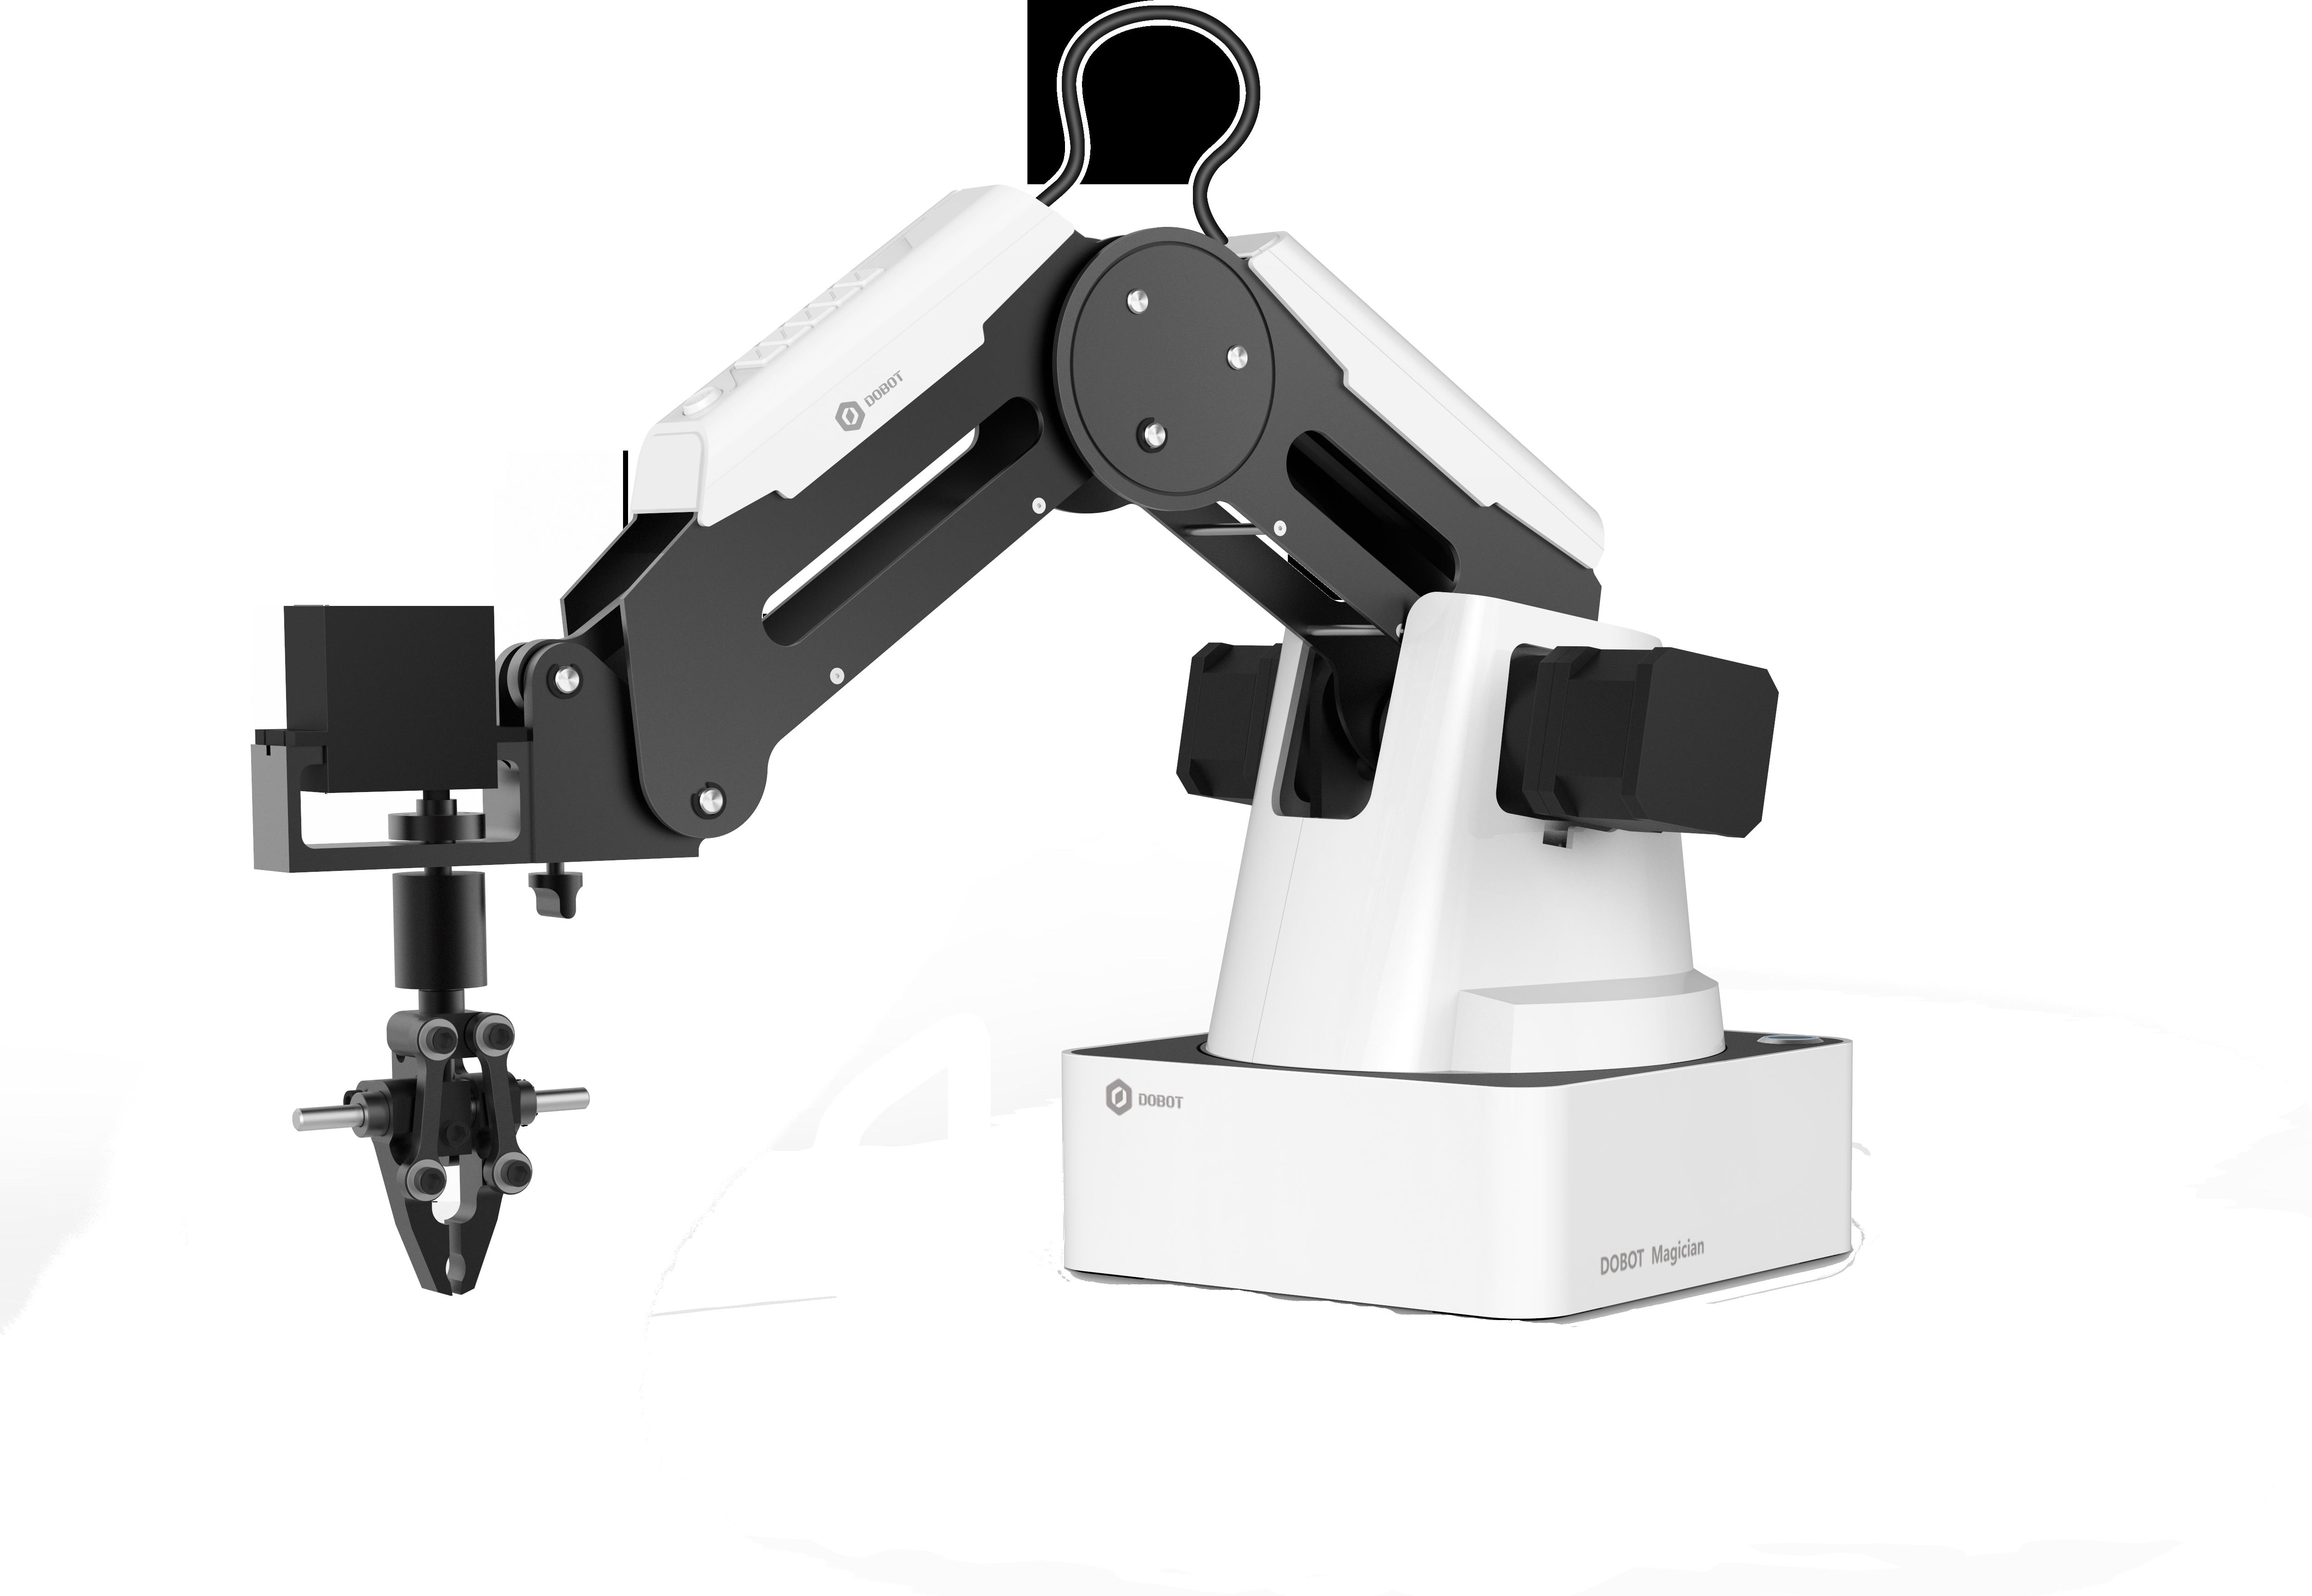 RobotLAB Dobot Robotic Arm-1-2-1.png